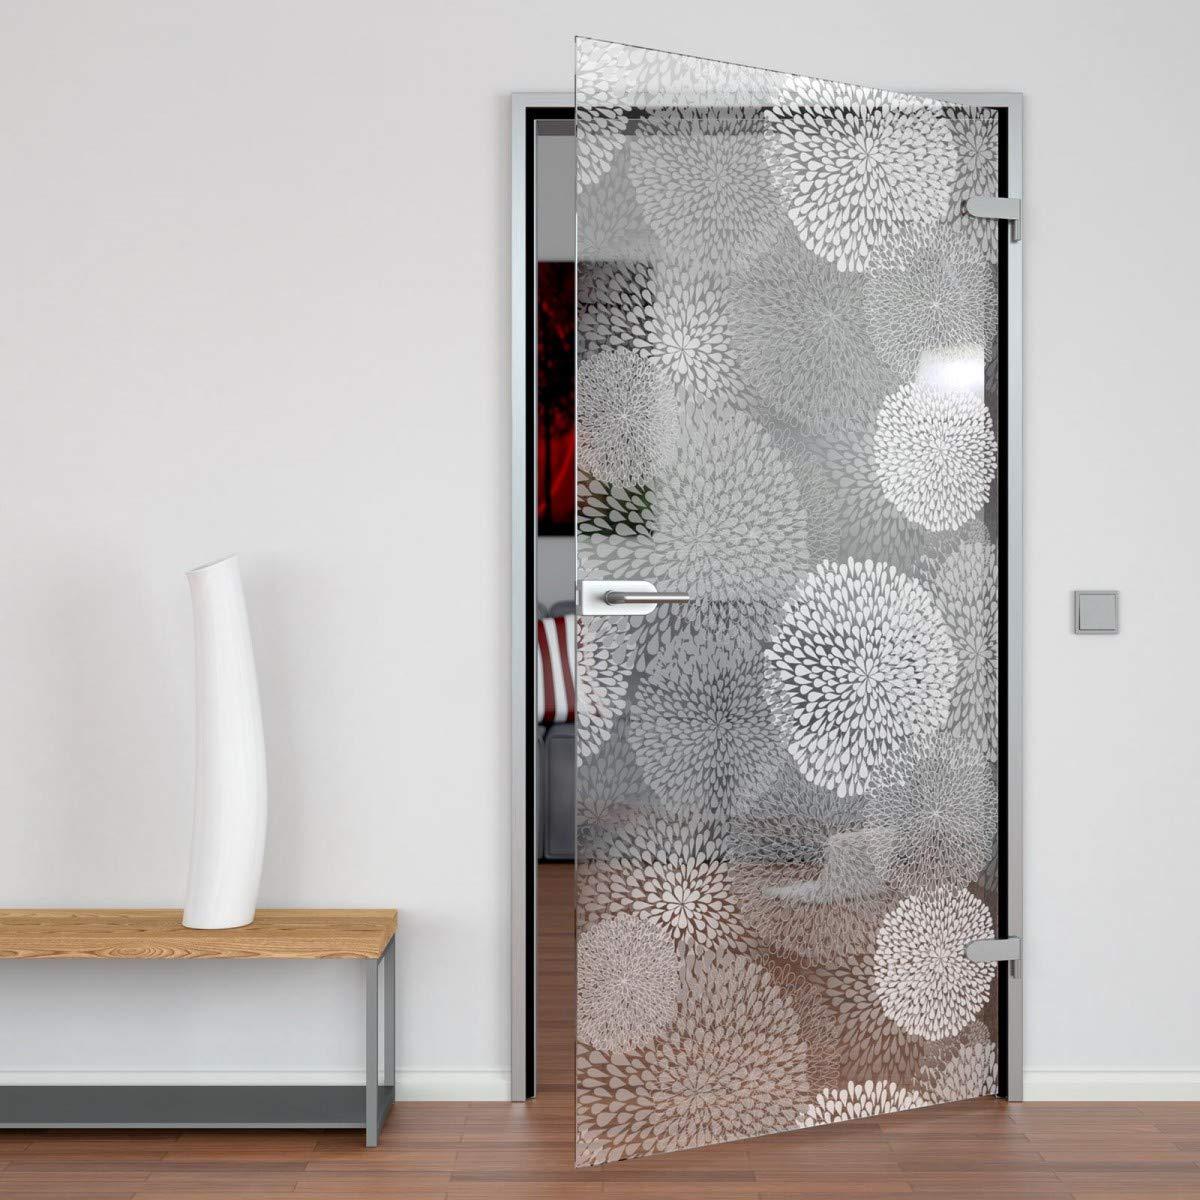 Manija de bisagra con cerradura para puertas de cristal sin marco: Amazon.es: Bricolaje y herramientas